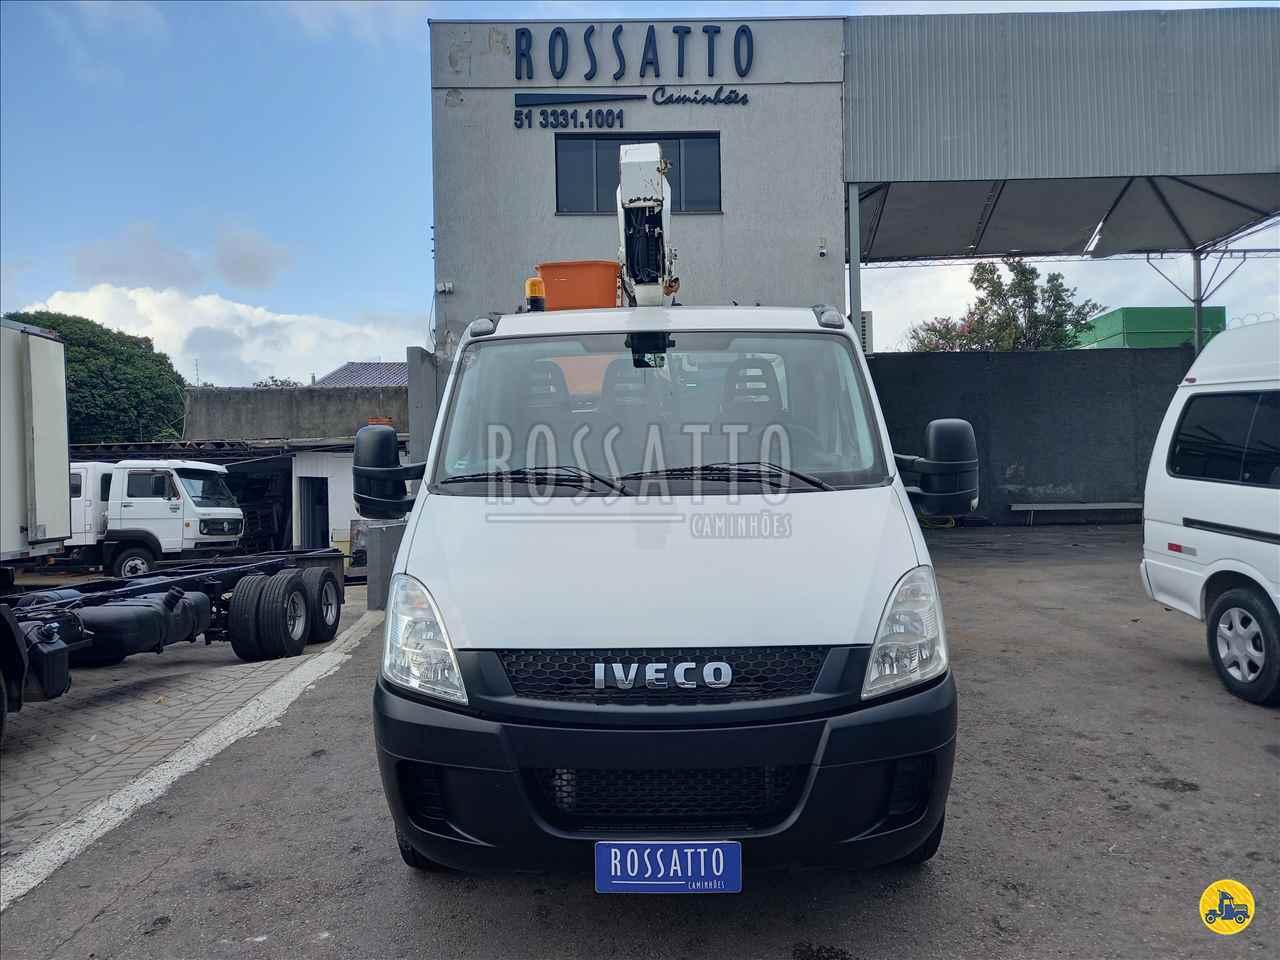 IVECO DAILY 45s17 34500km 2016/2017 Rossatto Caminhões